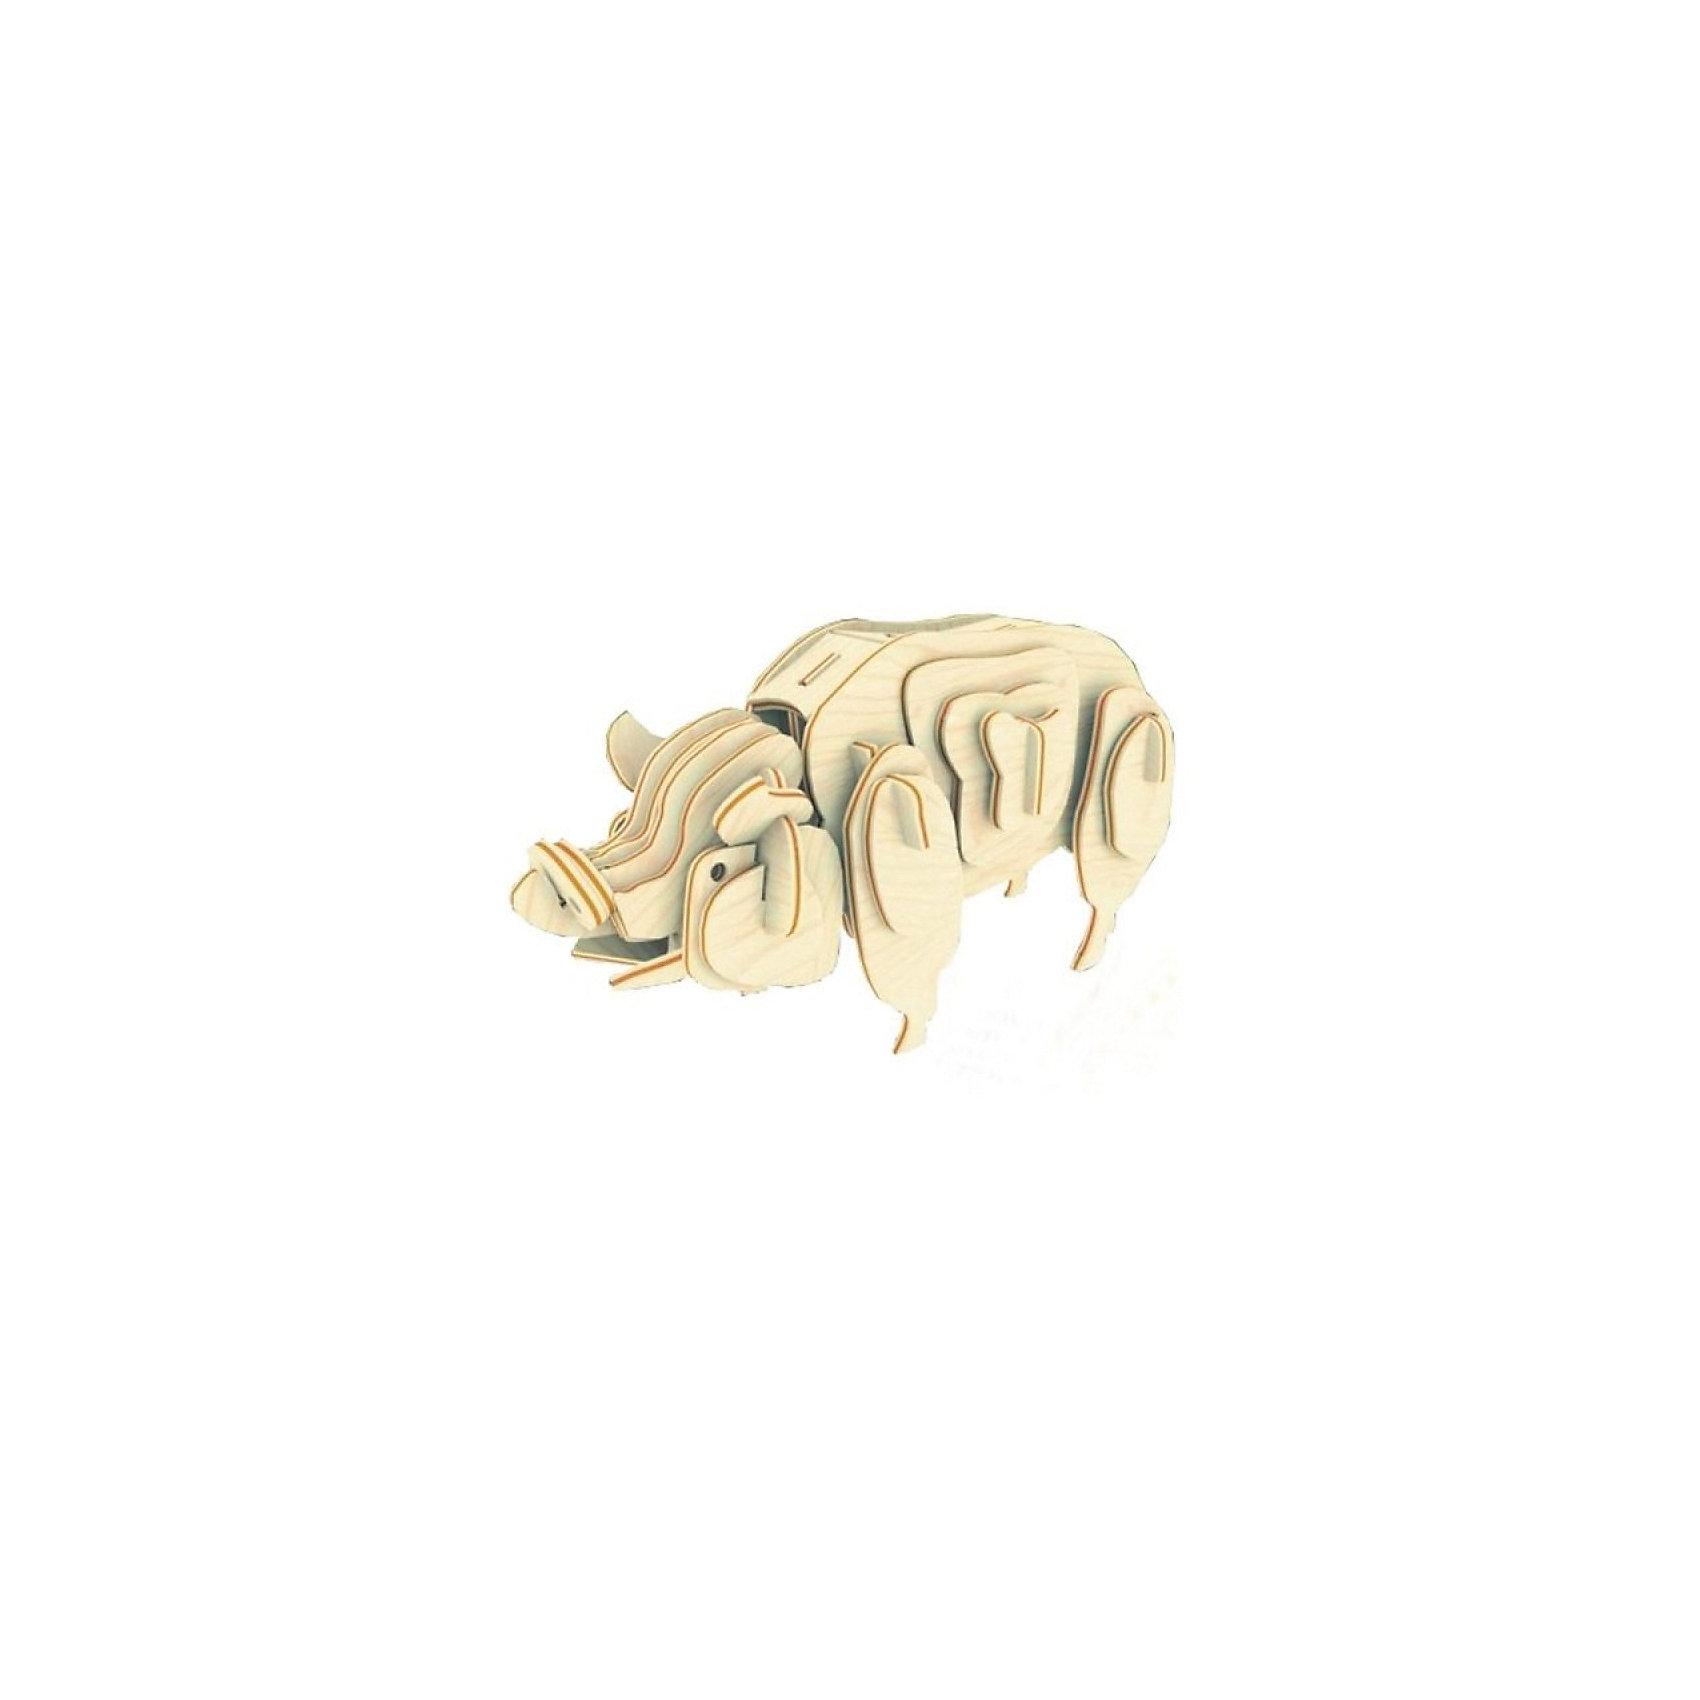 Свинья (серия М), Мир деревянных игрушекДеревянные модели<br>Отличный вариант подарка для творческого ребенка - этот набор, из которого можно самому сделать красивую деревянную фигуру! Специально для любящих творчество и интересующихся животным миром были разработаны эти 3D-пазлы. Из них получаются красивые очень реалистичные фигуры, которые могут стать украшением комнаты. Для этого нужно выдавить из пластины с деталями элементы для сборки и соединить их. <br>Собирая их, ребенок будет учиться соотносить фигуры, развивать пространственное мышление, память и мелкую моторику. А раскрашивая готовое произведение, дети научатся подбирать цвета и будут развивать художественные навыки. Этот набор произведен из качественных и безопасных для детей материалов - дерево тщательно обработано.<br><br>Дополнительная информация:<br><br>материал: дерево;<br>цвет: бежевый;<br>элементы: пластины с деталями для сборки;<br>размер упаковки: 23 х 18 см.<br><br>3D-пазл Свинья (серия М) от бренда Мир деревянных игрушек можно купить в нашем магазине.<br><br>Ширина мм: 225<br>Глубина мм: 30<br>Высота мм: 180<br>Вес г: 450<br>Возраст от месяцев: 36<br>Возраст до месяцев: 144<br>Пол: Унисекс<br>Возраст: Детский<br>SKU: 4969067